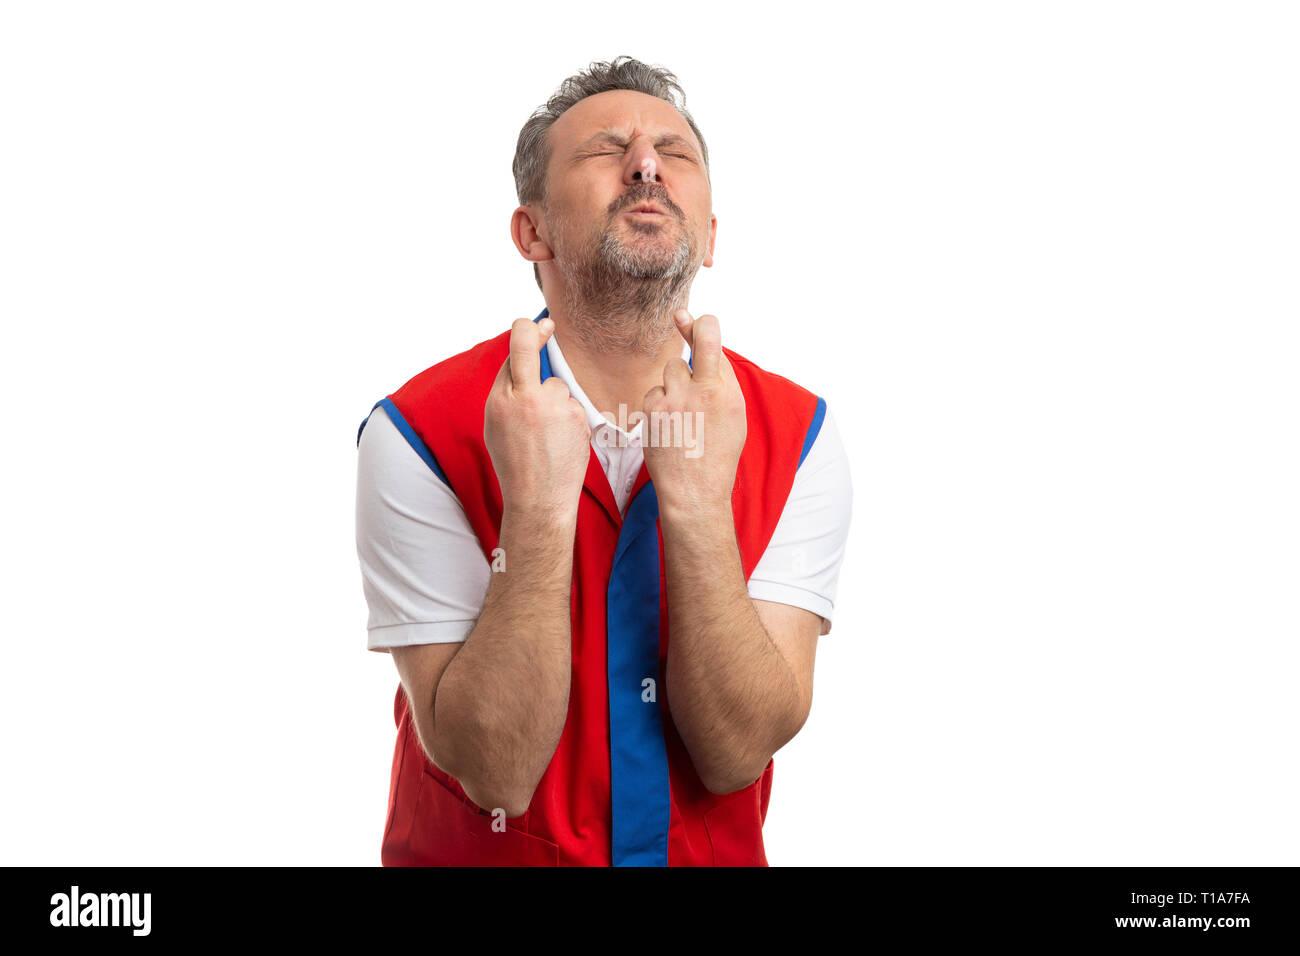 Il supermercato o ipermercato dipendente di sesso maschile come nervoso sperando con le dita incrociate e gli occhi chiusi isolato su bianco di sfondo per studio Immagini Stock